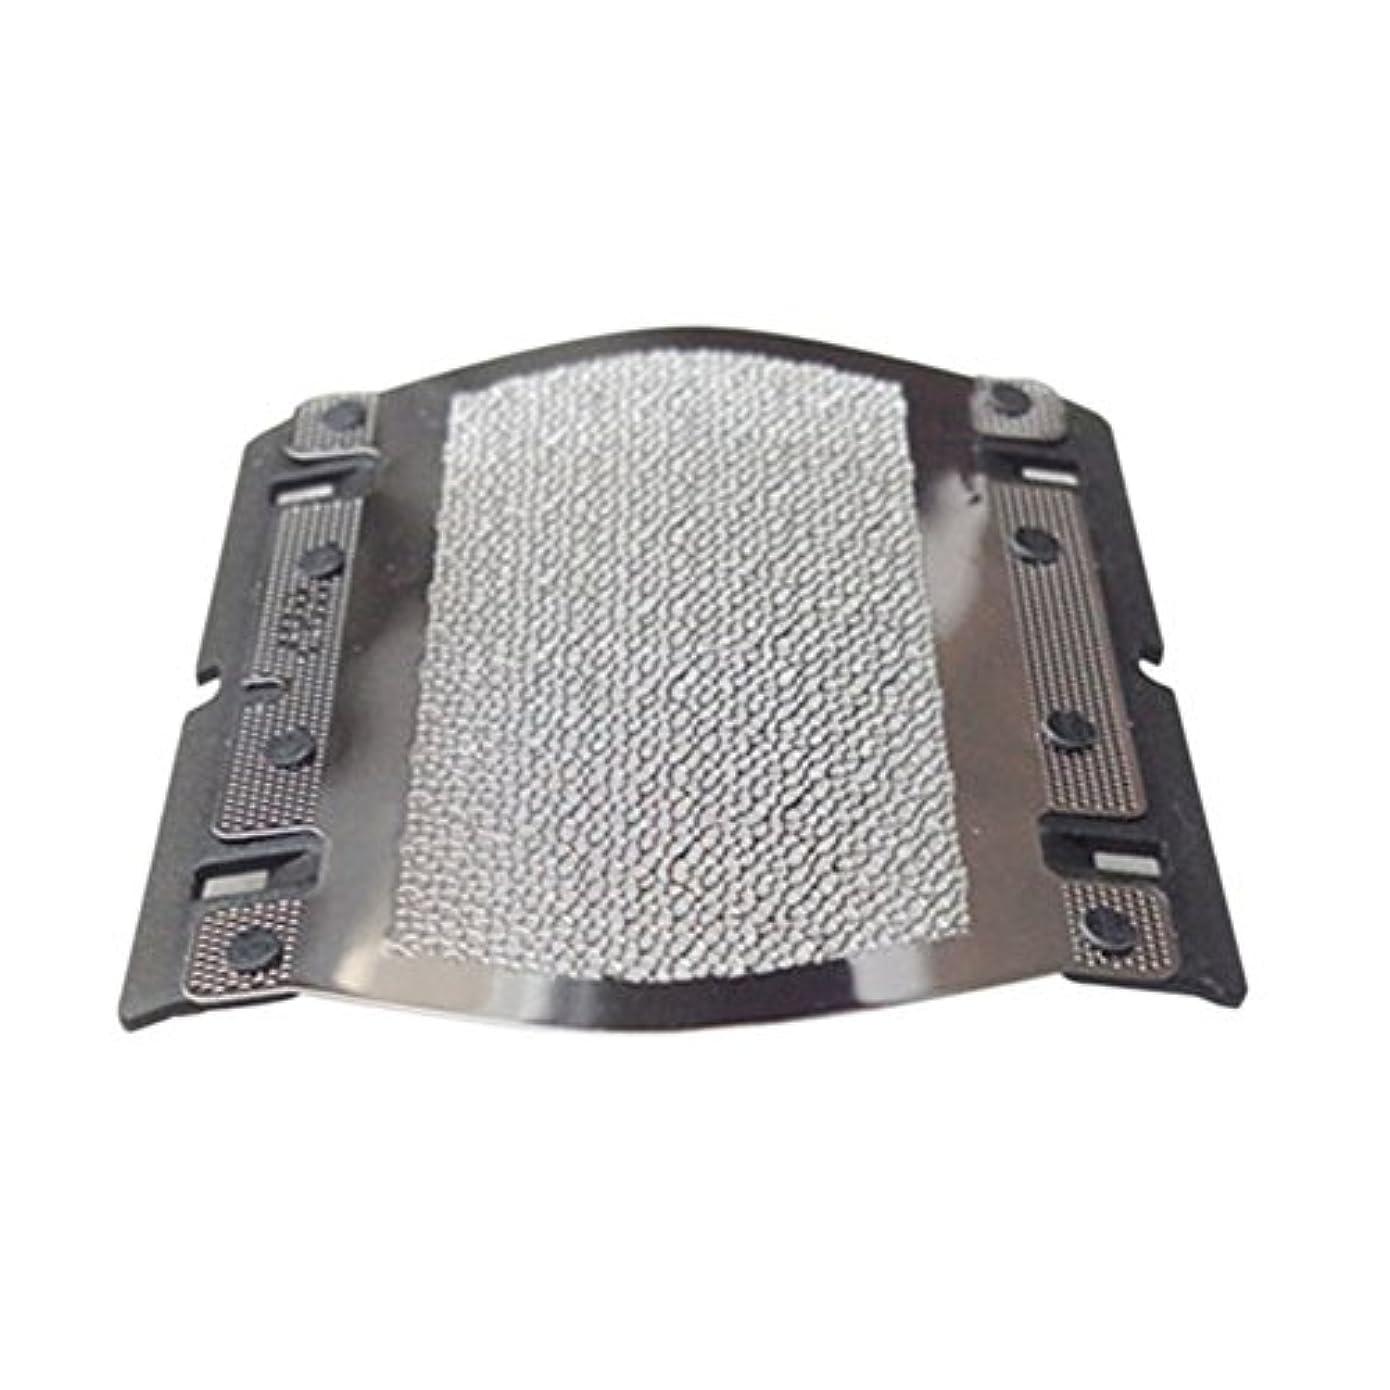 トランスペアレント許容できる離すHZjundasi Replacement シェーバーカミソリ ブレード 刃+はく 614 for Braun 350/370/P10/5614/5615